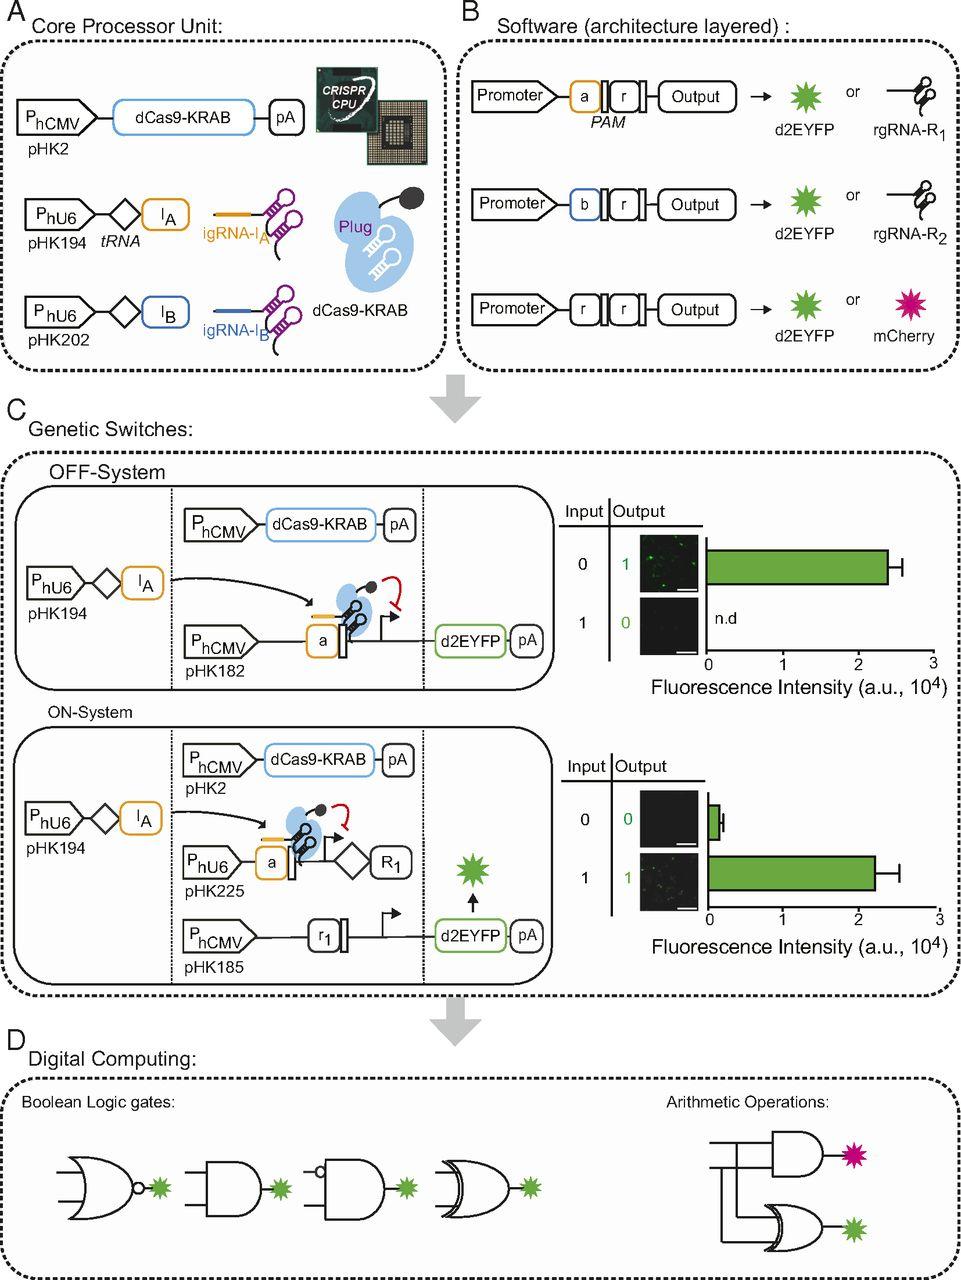 Nguyên lý hoạt động của máy tính tế bào. Ảnh: ETH Zurich.